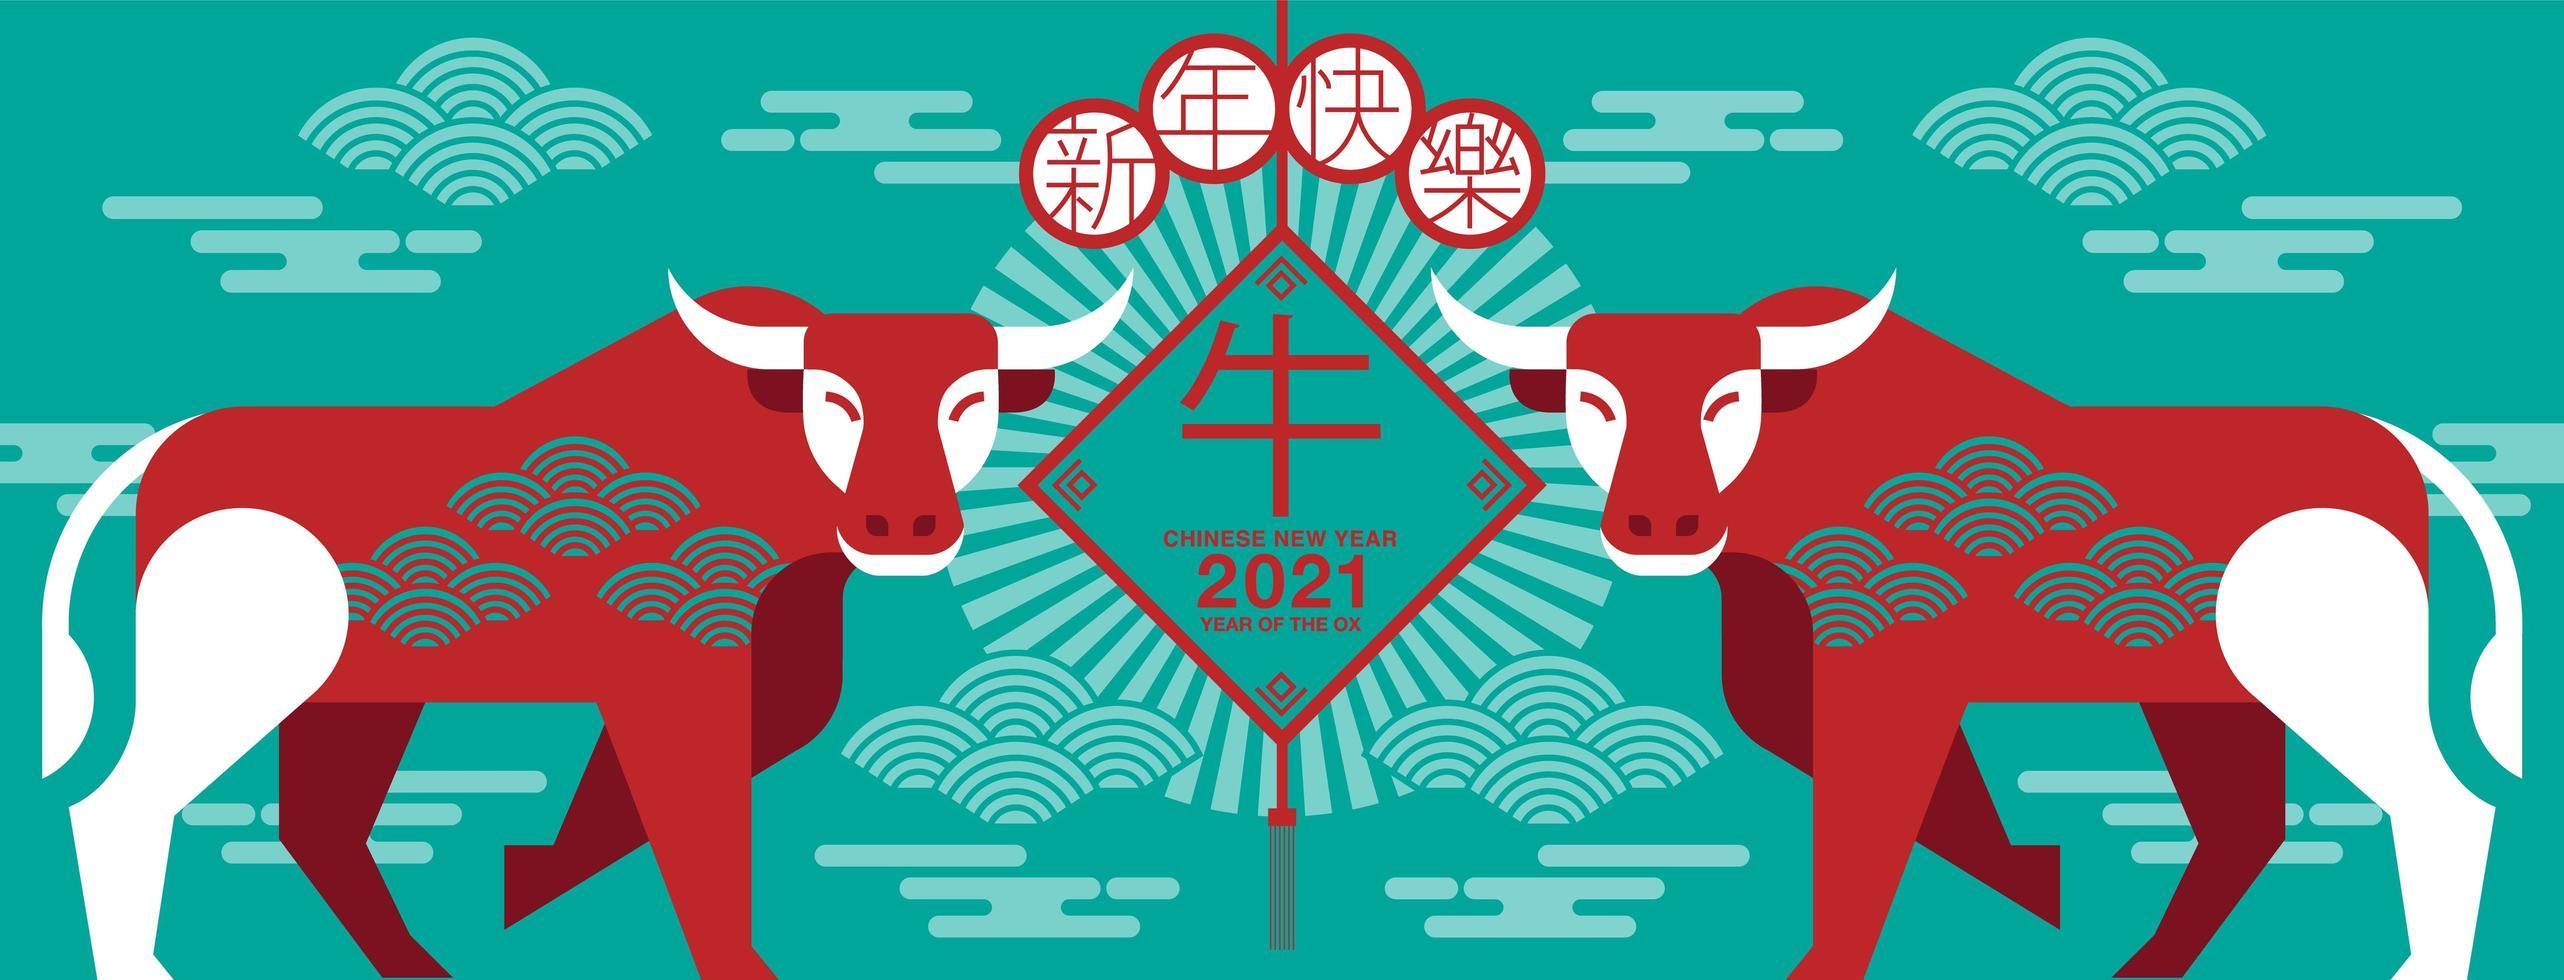 nouvel an chinois, 2021 vecteur